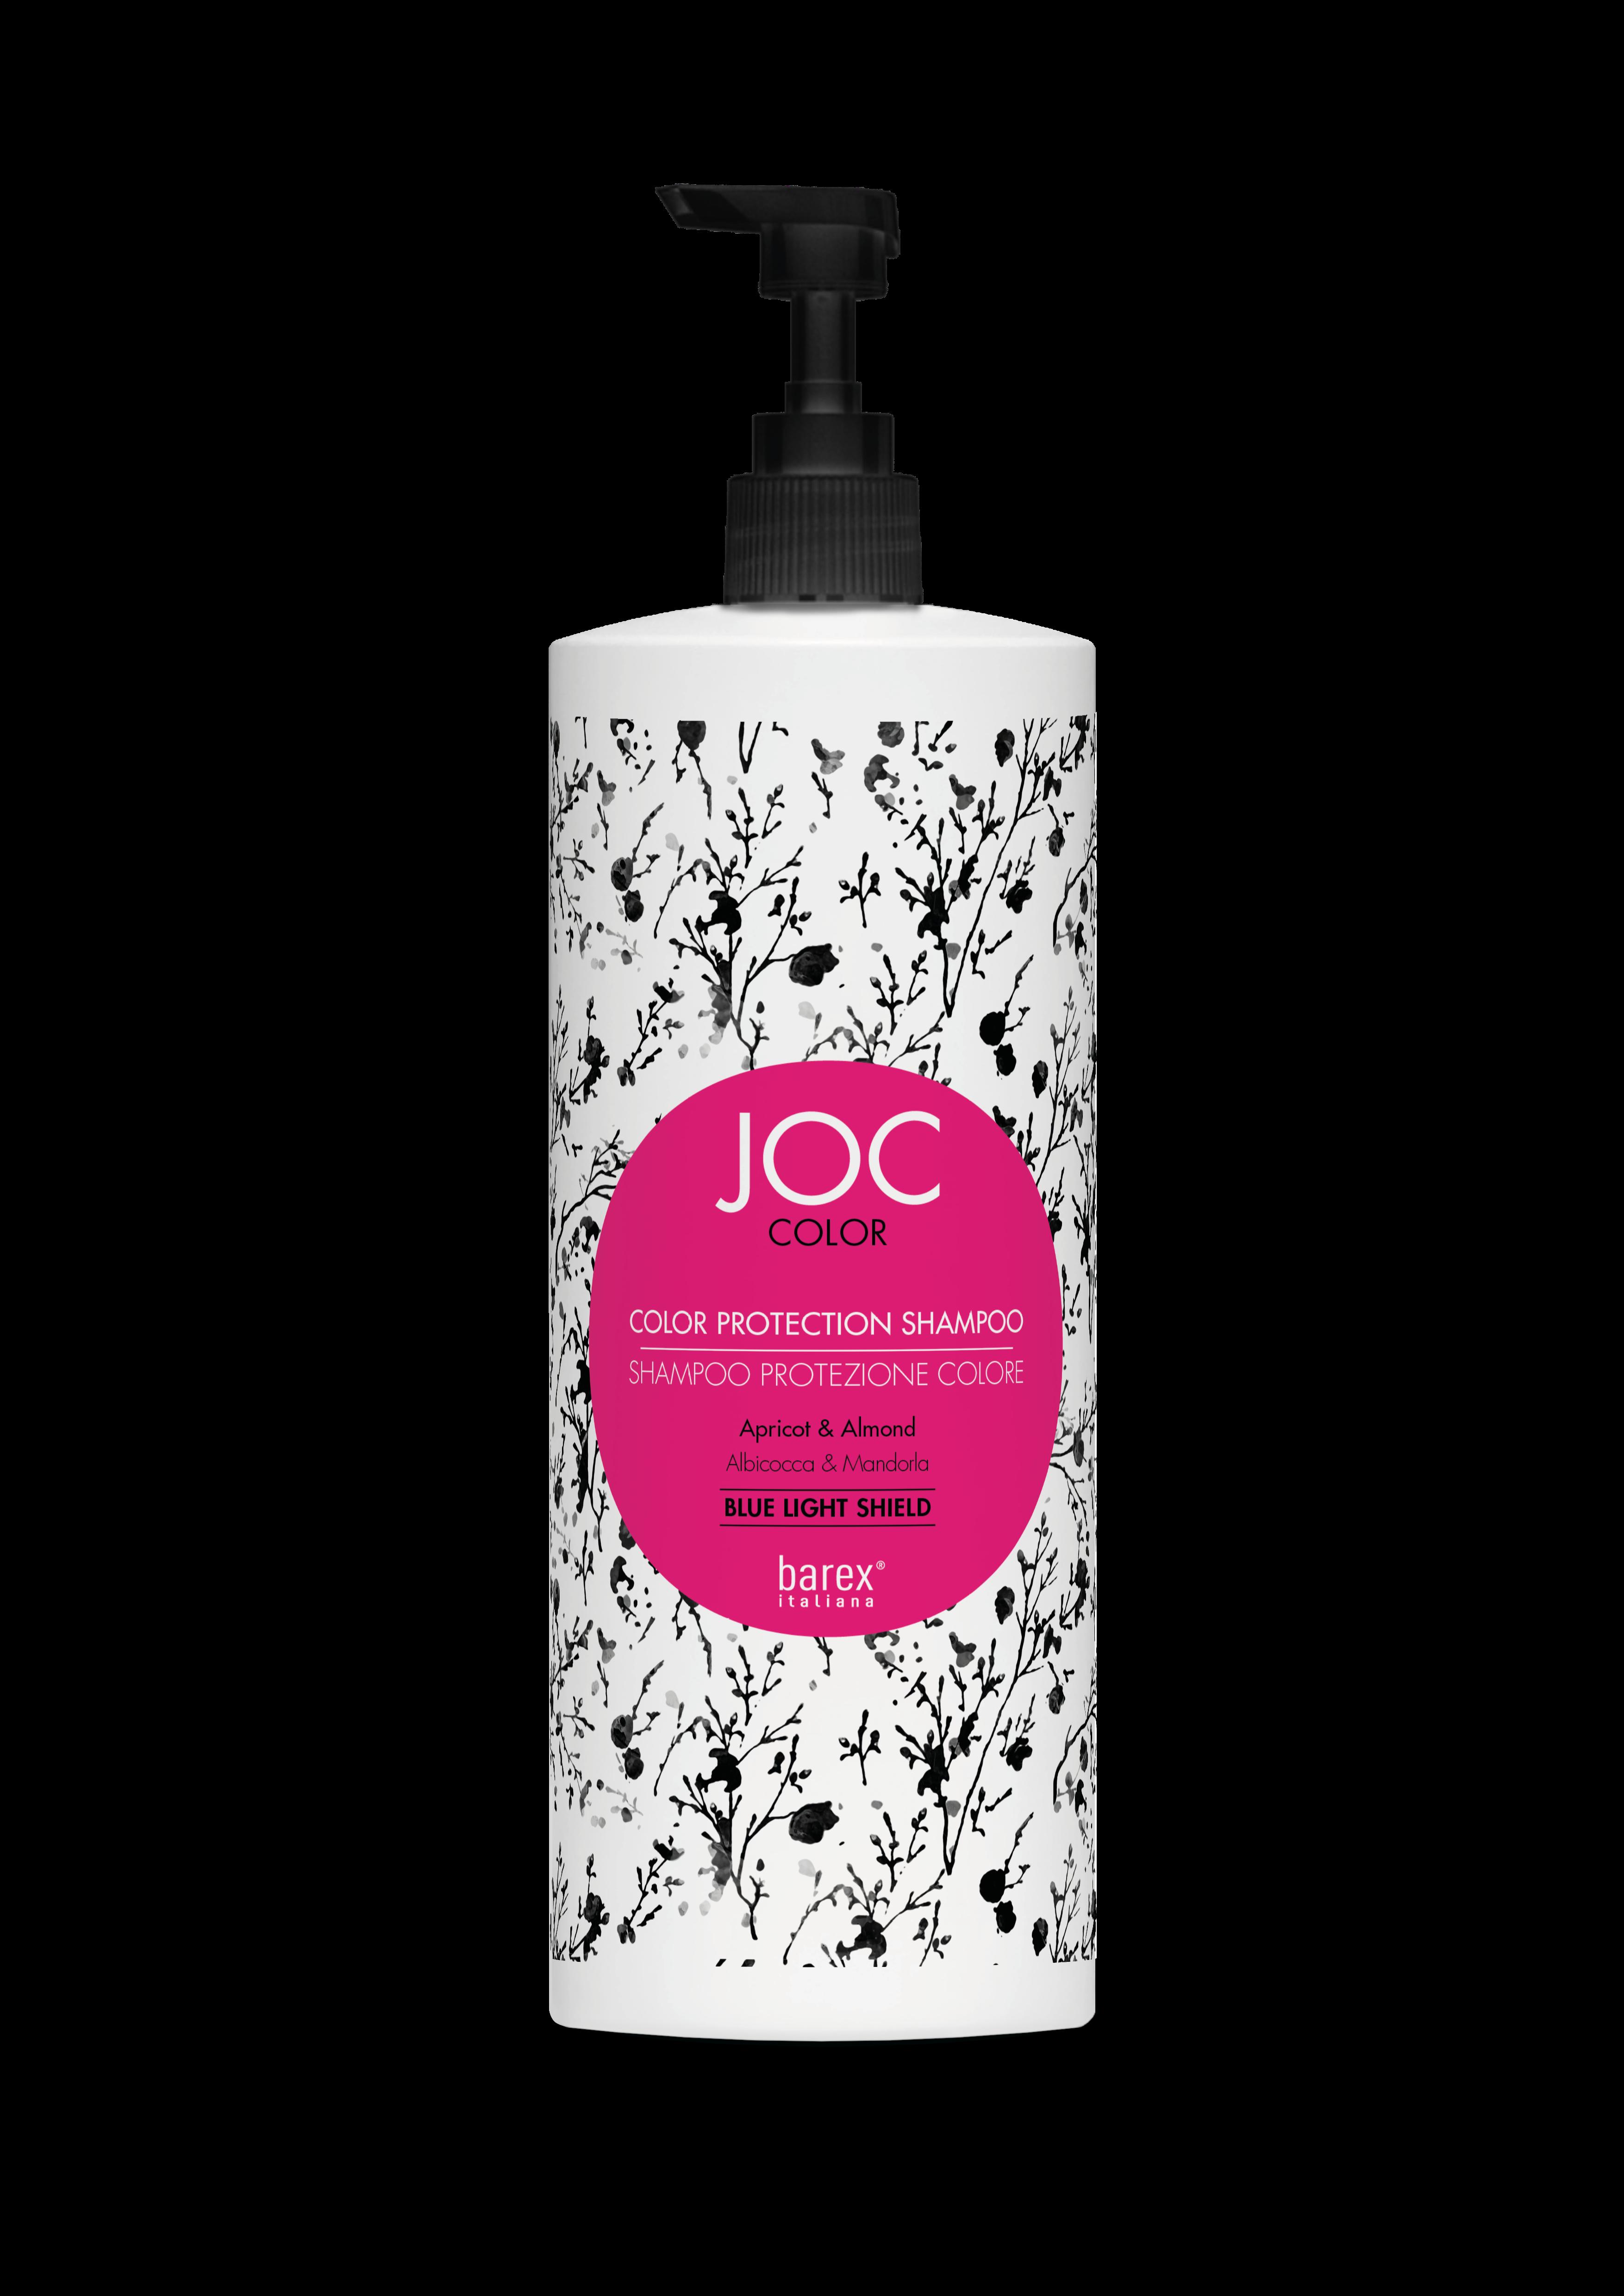 Barex Шампунь JOC Color Protection Shampoo Стойкость Цвета с Абрикосом и Миндалем, 1000 мл